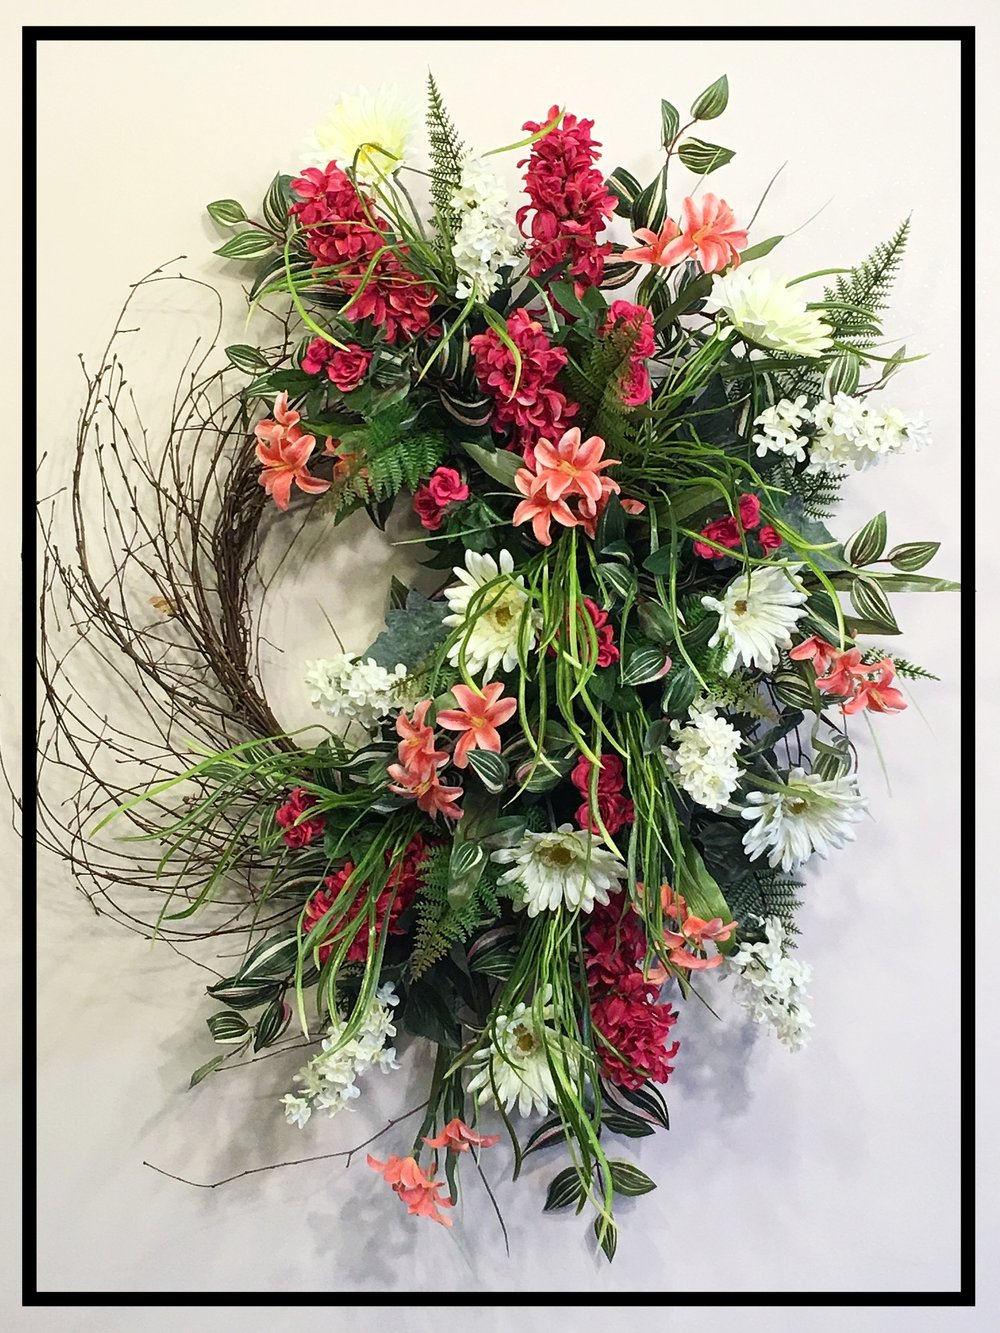 spring wreath front door spring wreaths for front door. Black Bedroom Furniture Sets. Home Design Ideas